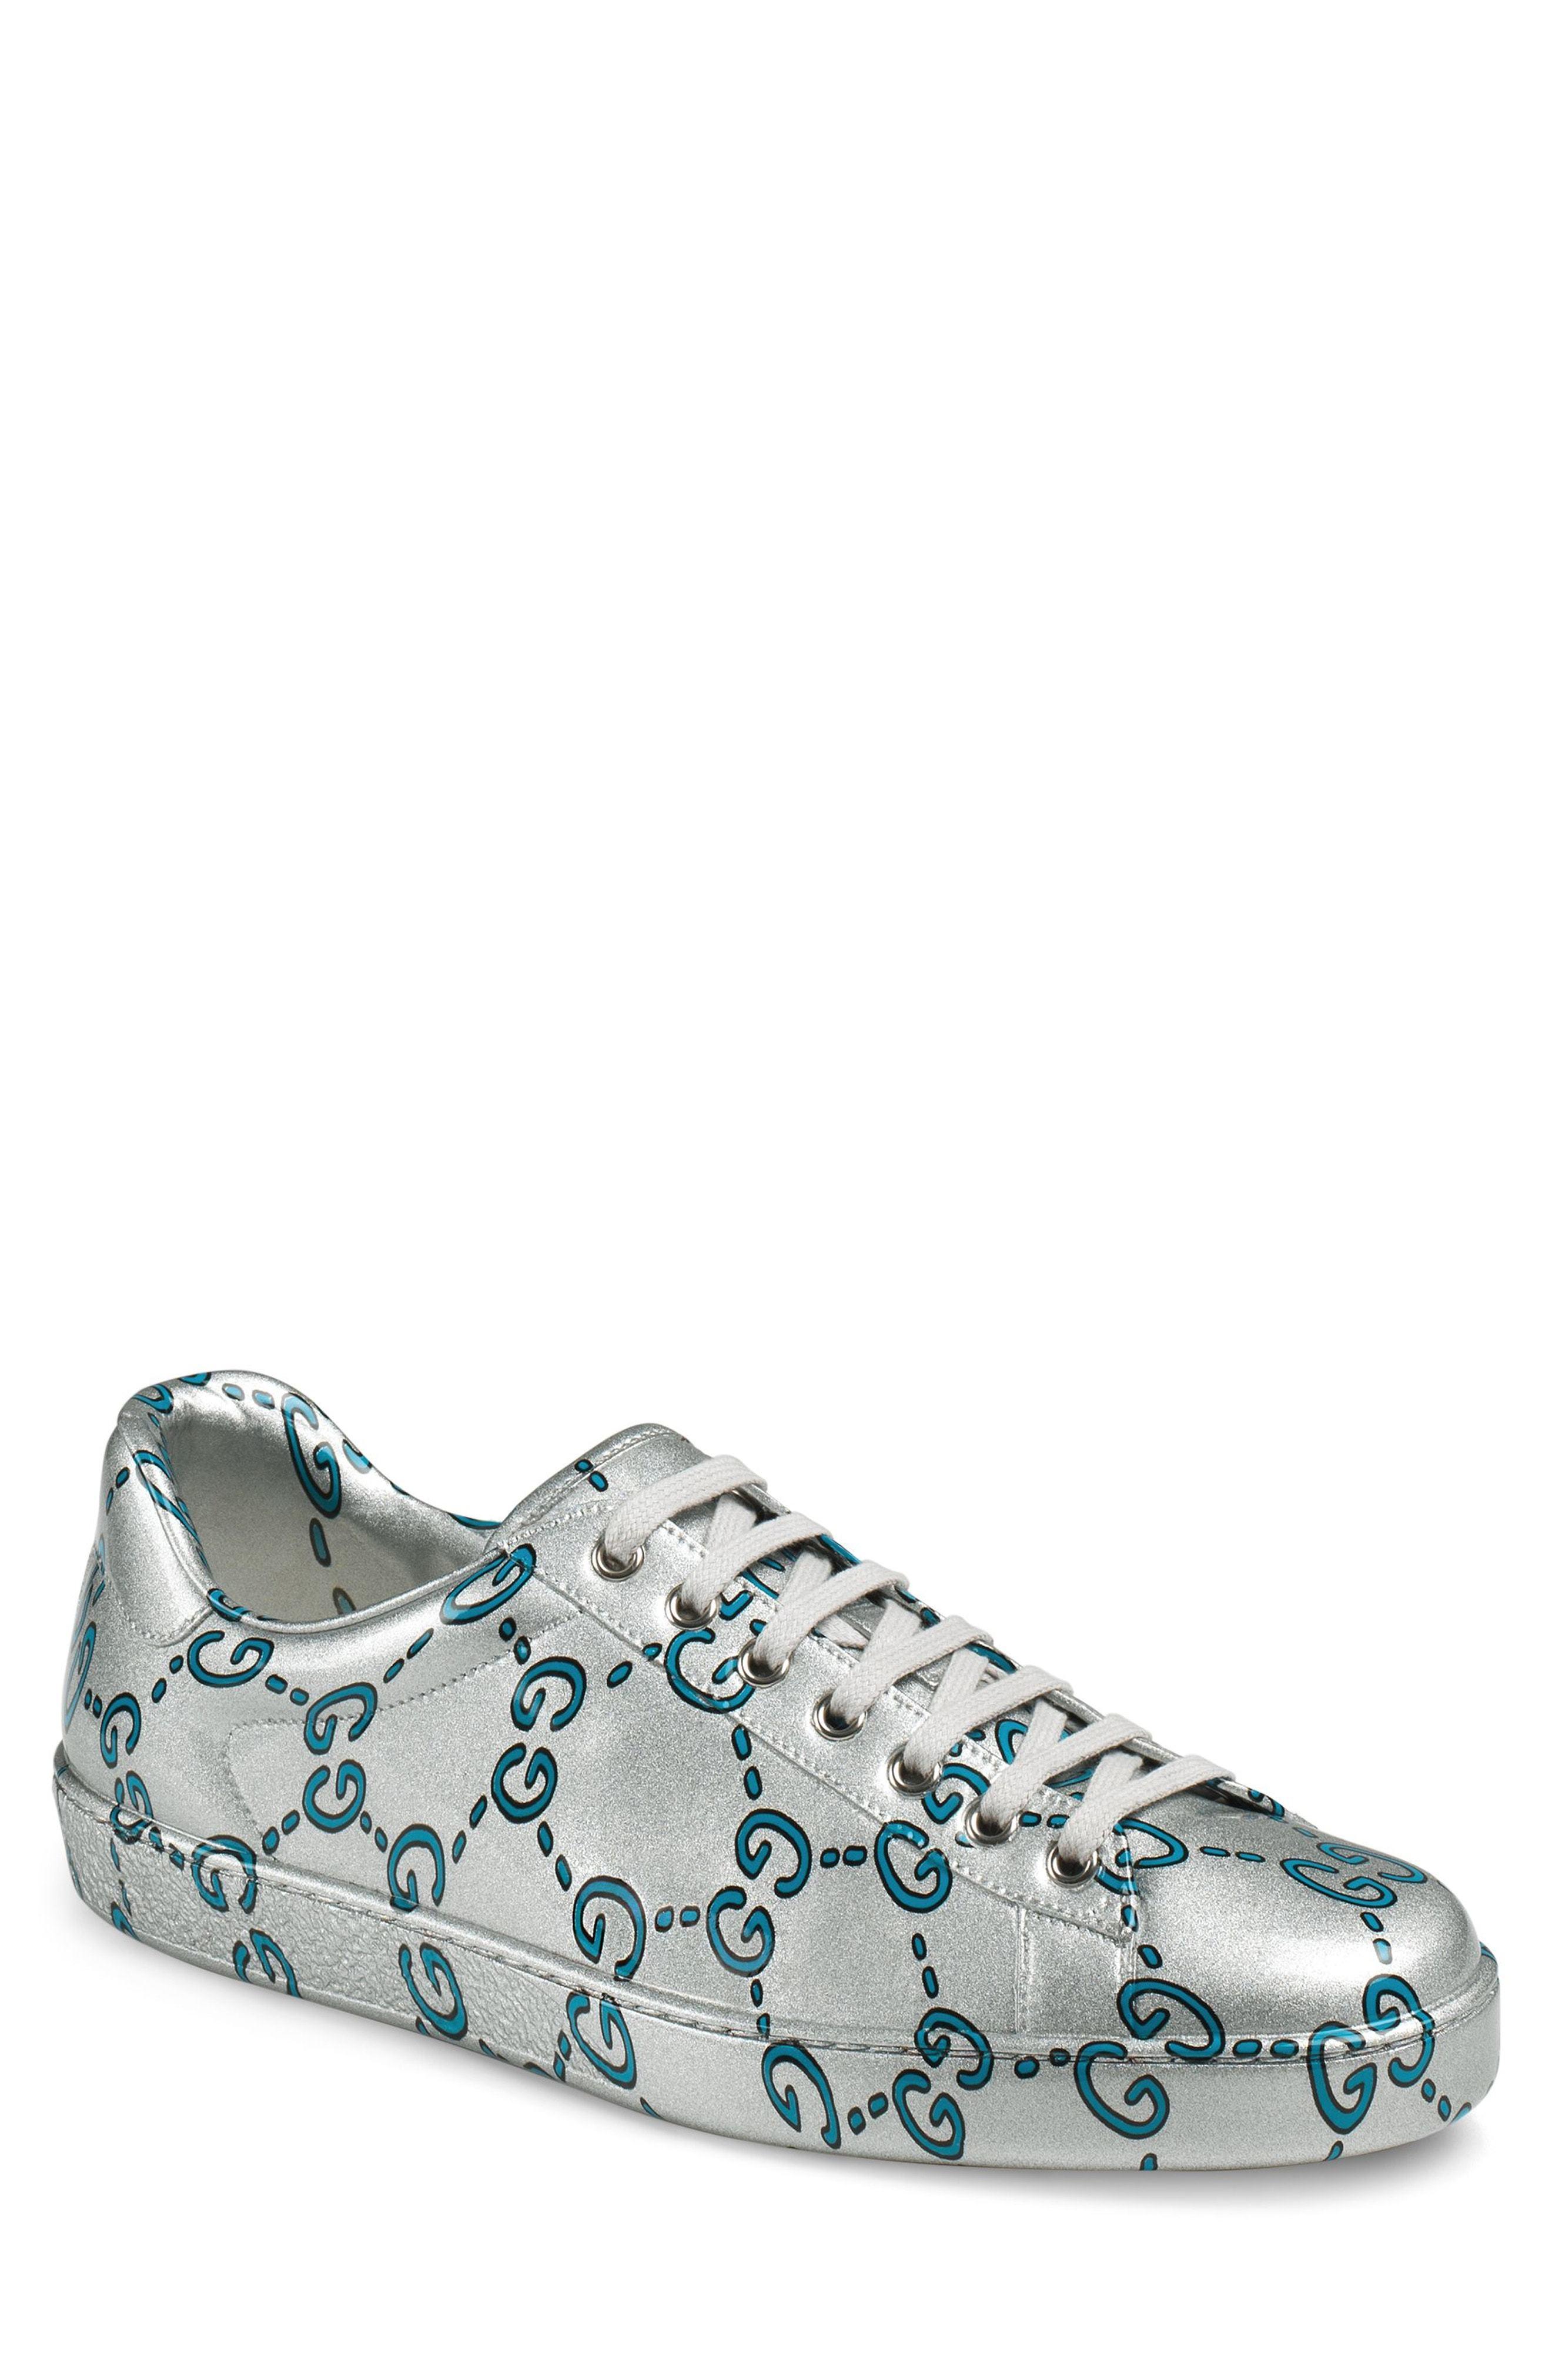 09d9480e8f6 ... Gucci New Ace Gg Ghost Sneaker